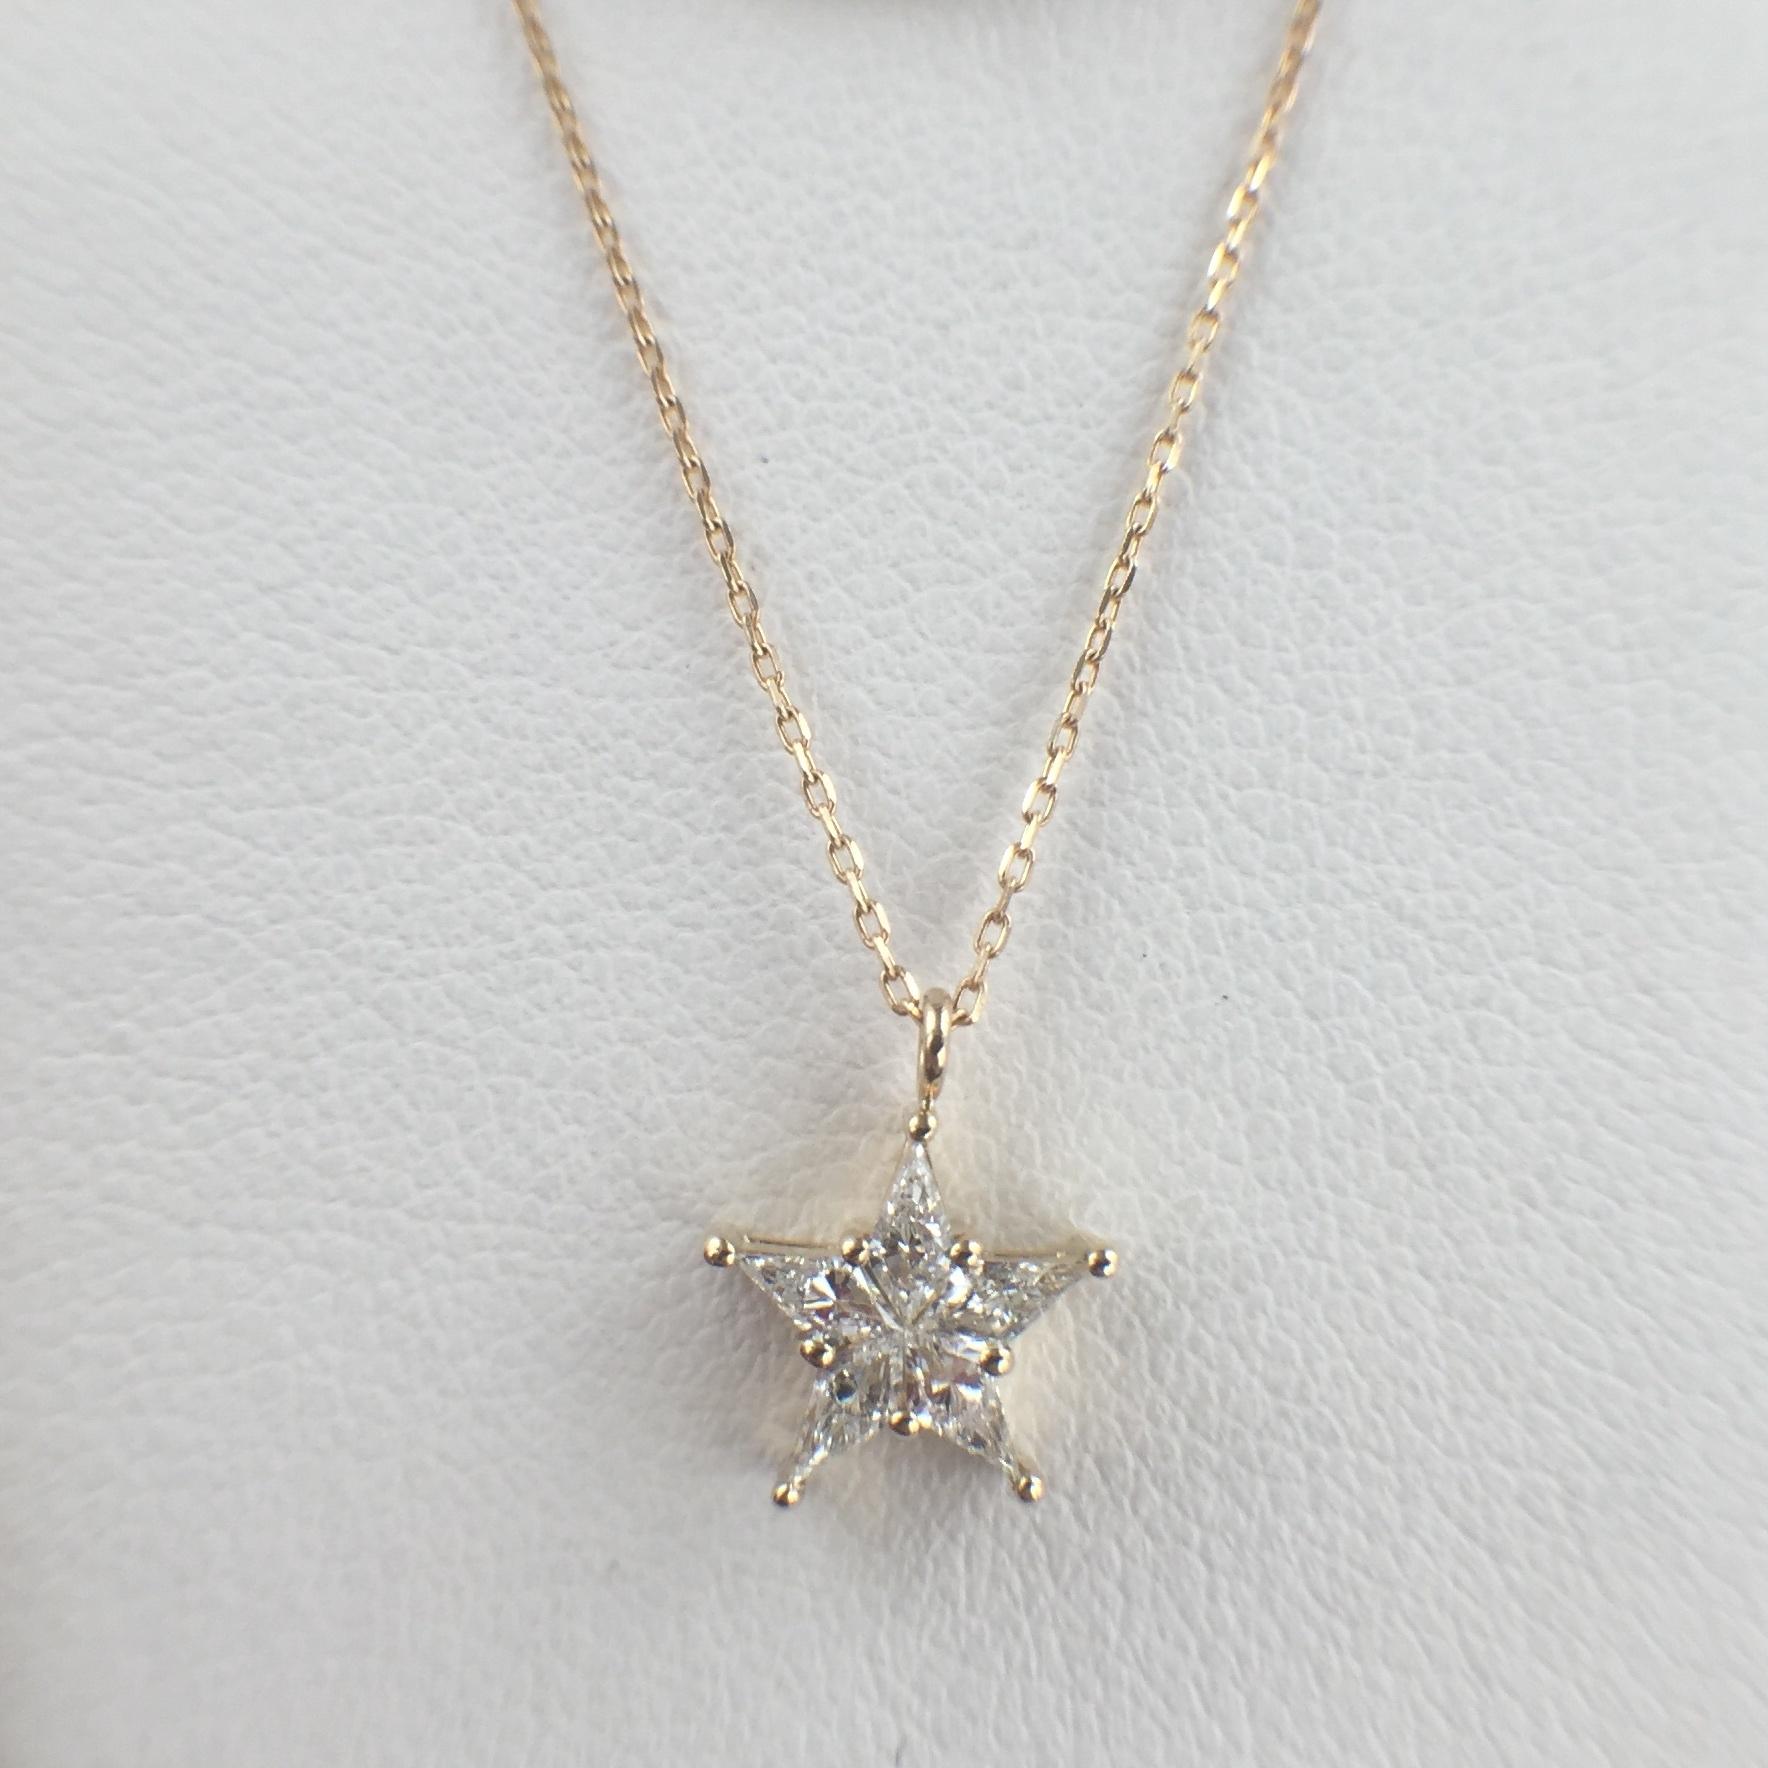 スター ダイヤモンド ペンダント M 0.13ct K18イエローゴールド  チェカ